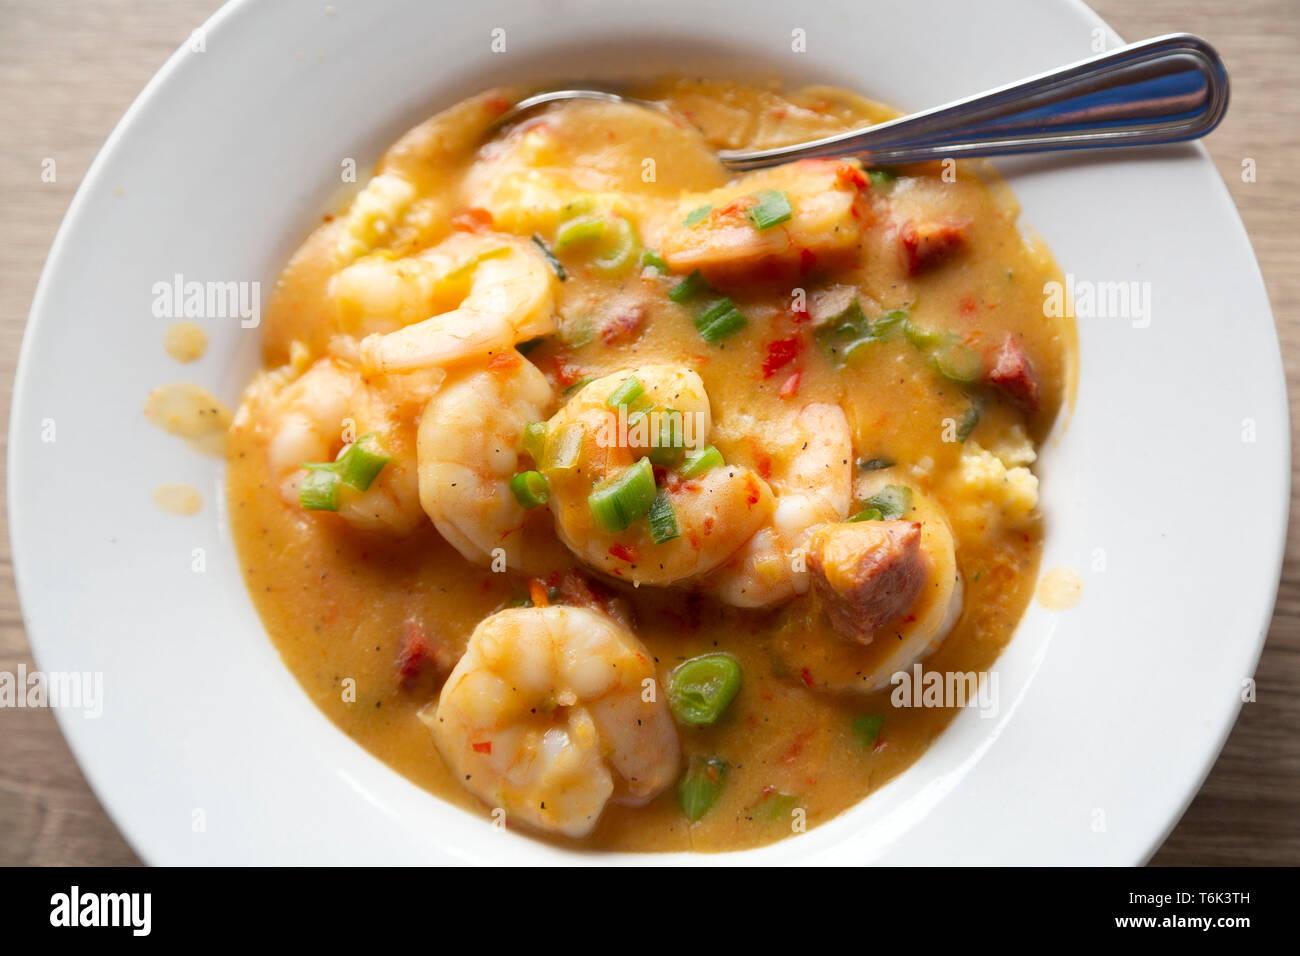 South Carolina Food Stock Photos Amp South Carolina Food